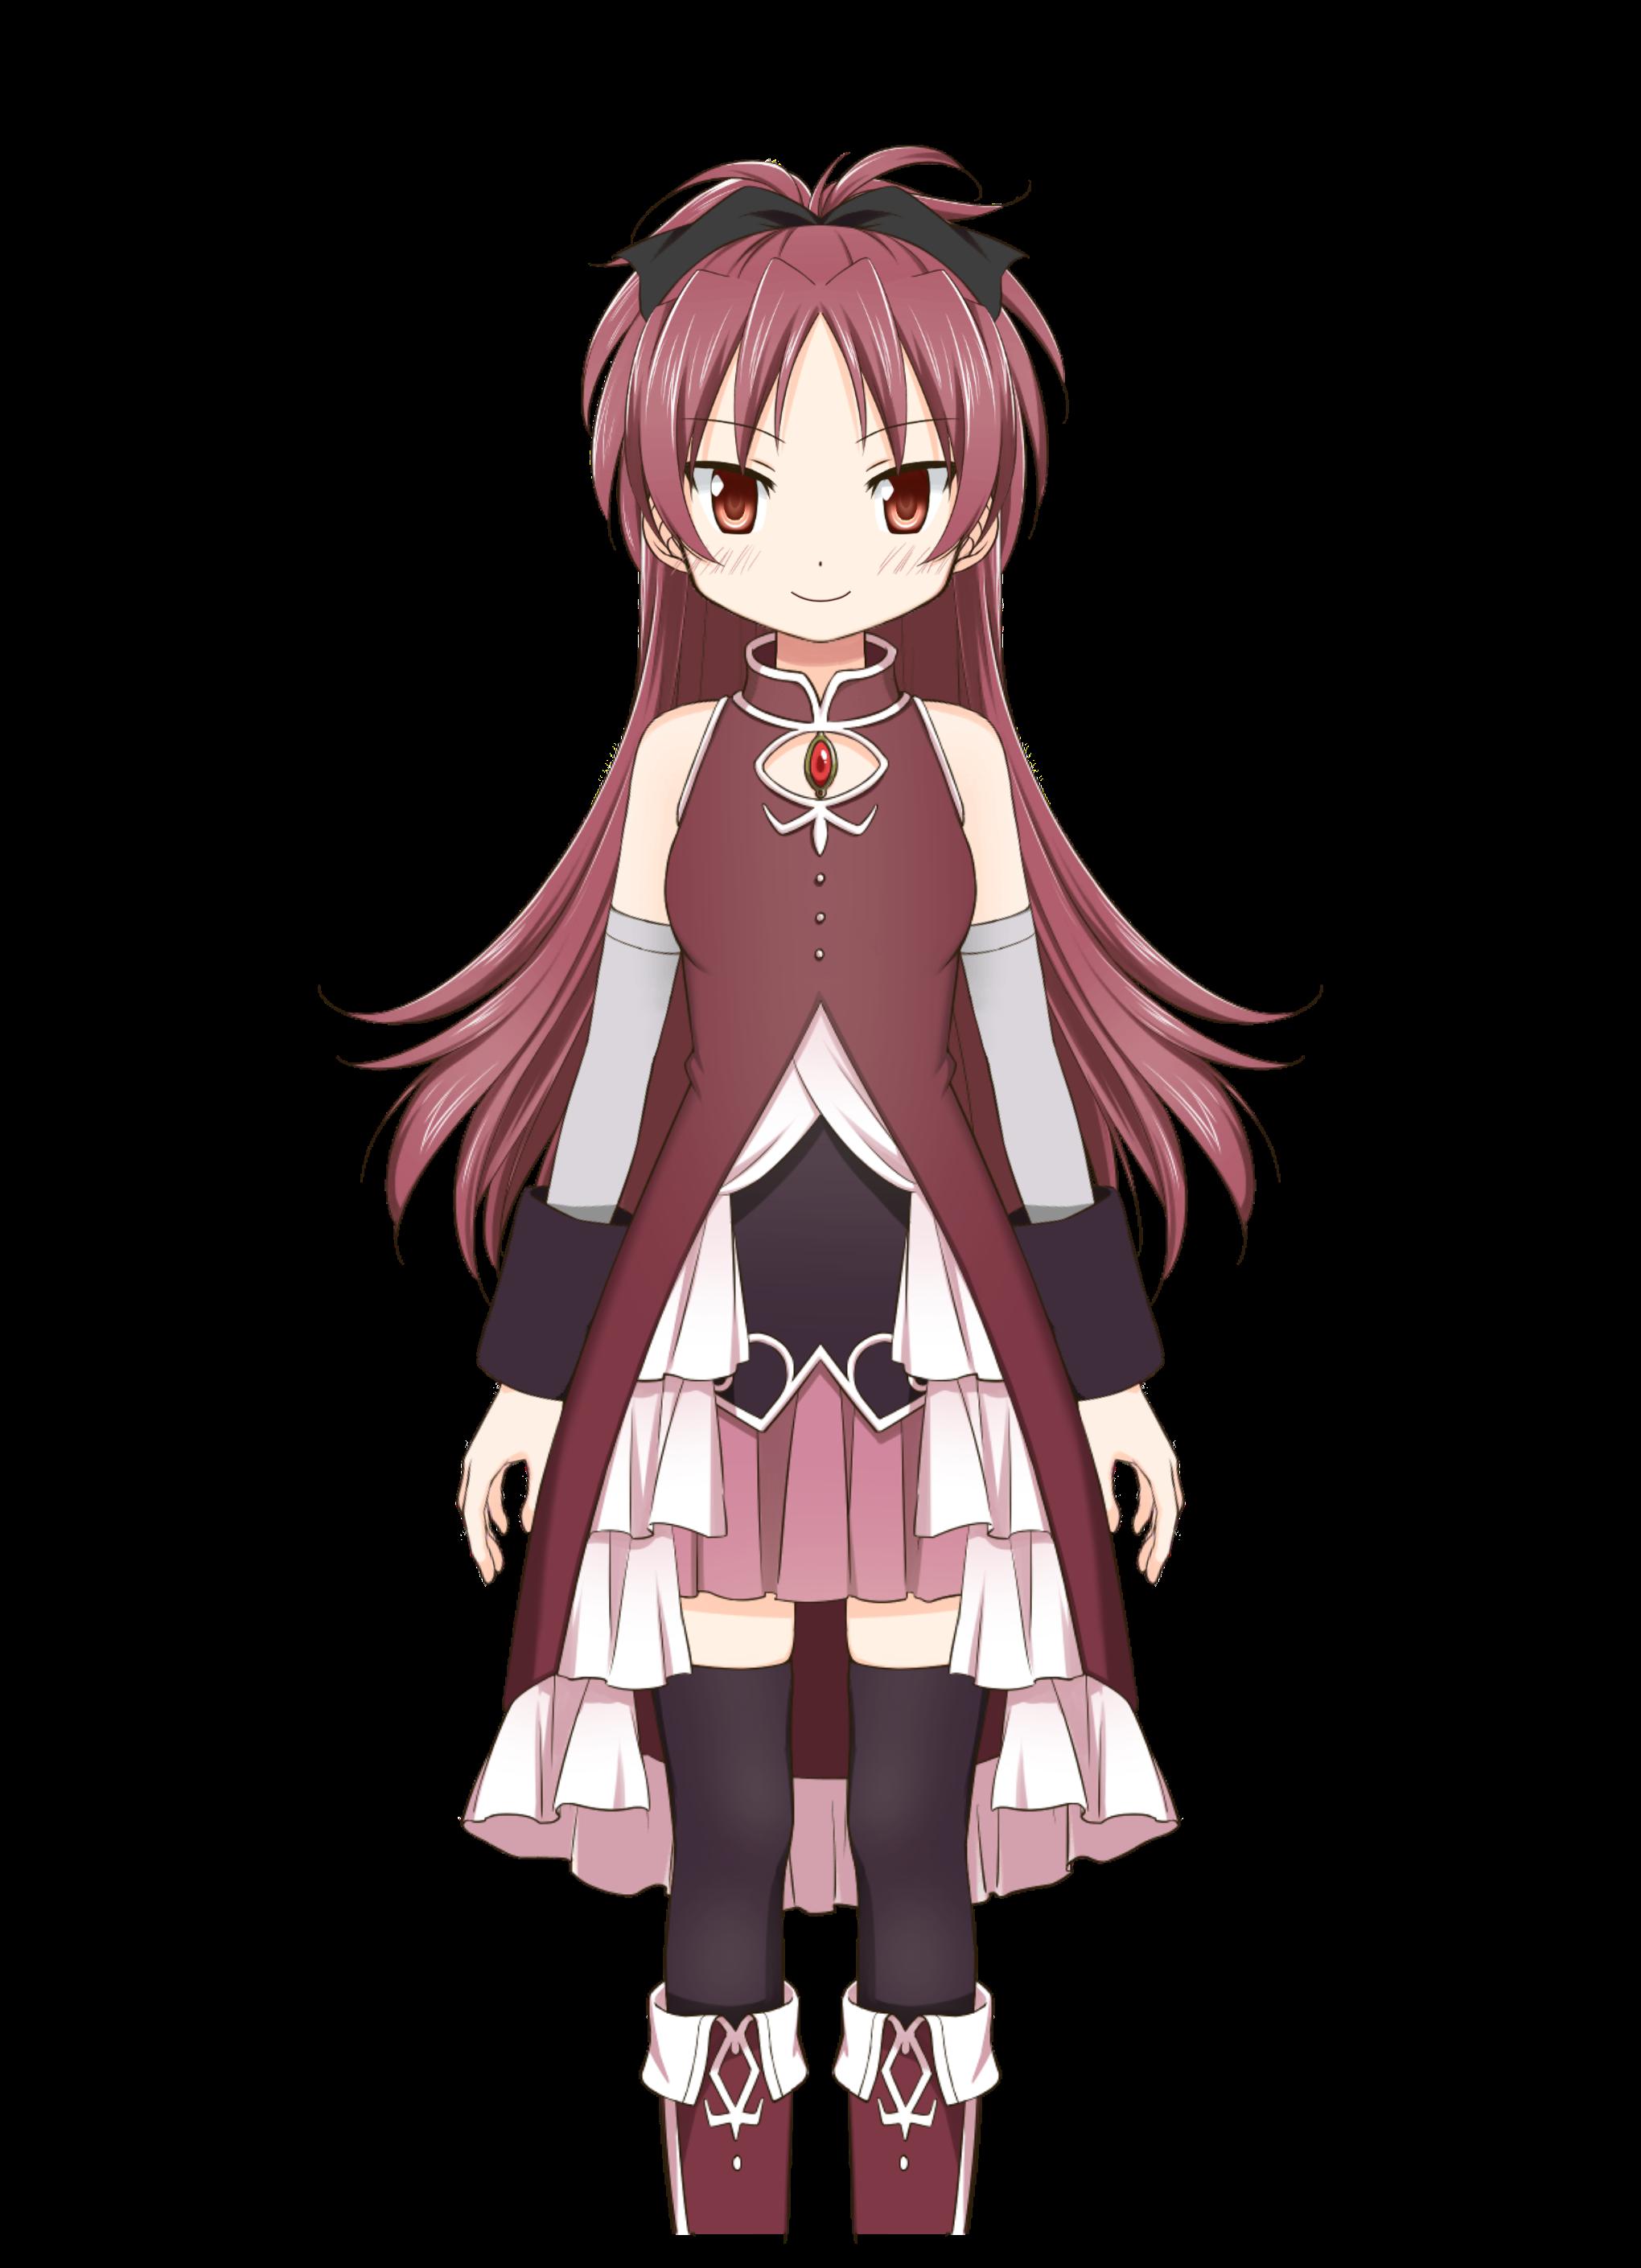 Sakura Kyouko Costumes  607d3aa22b42